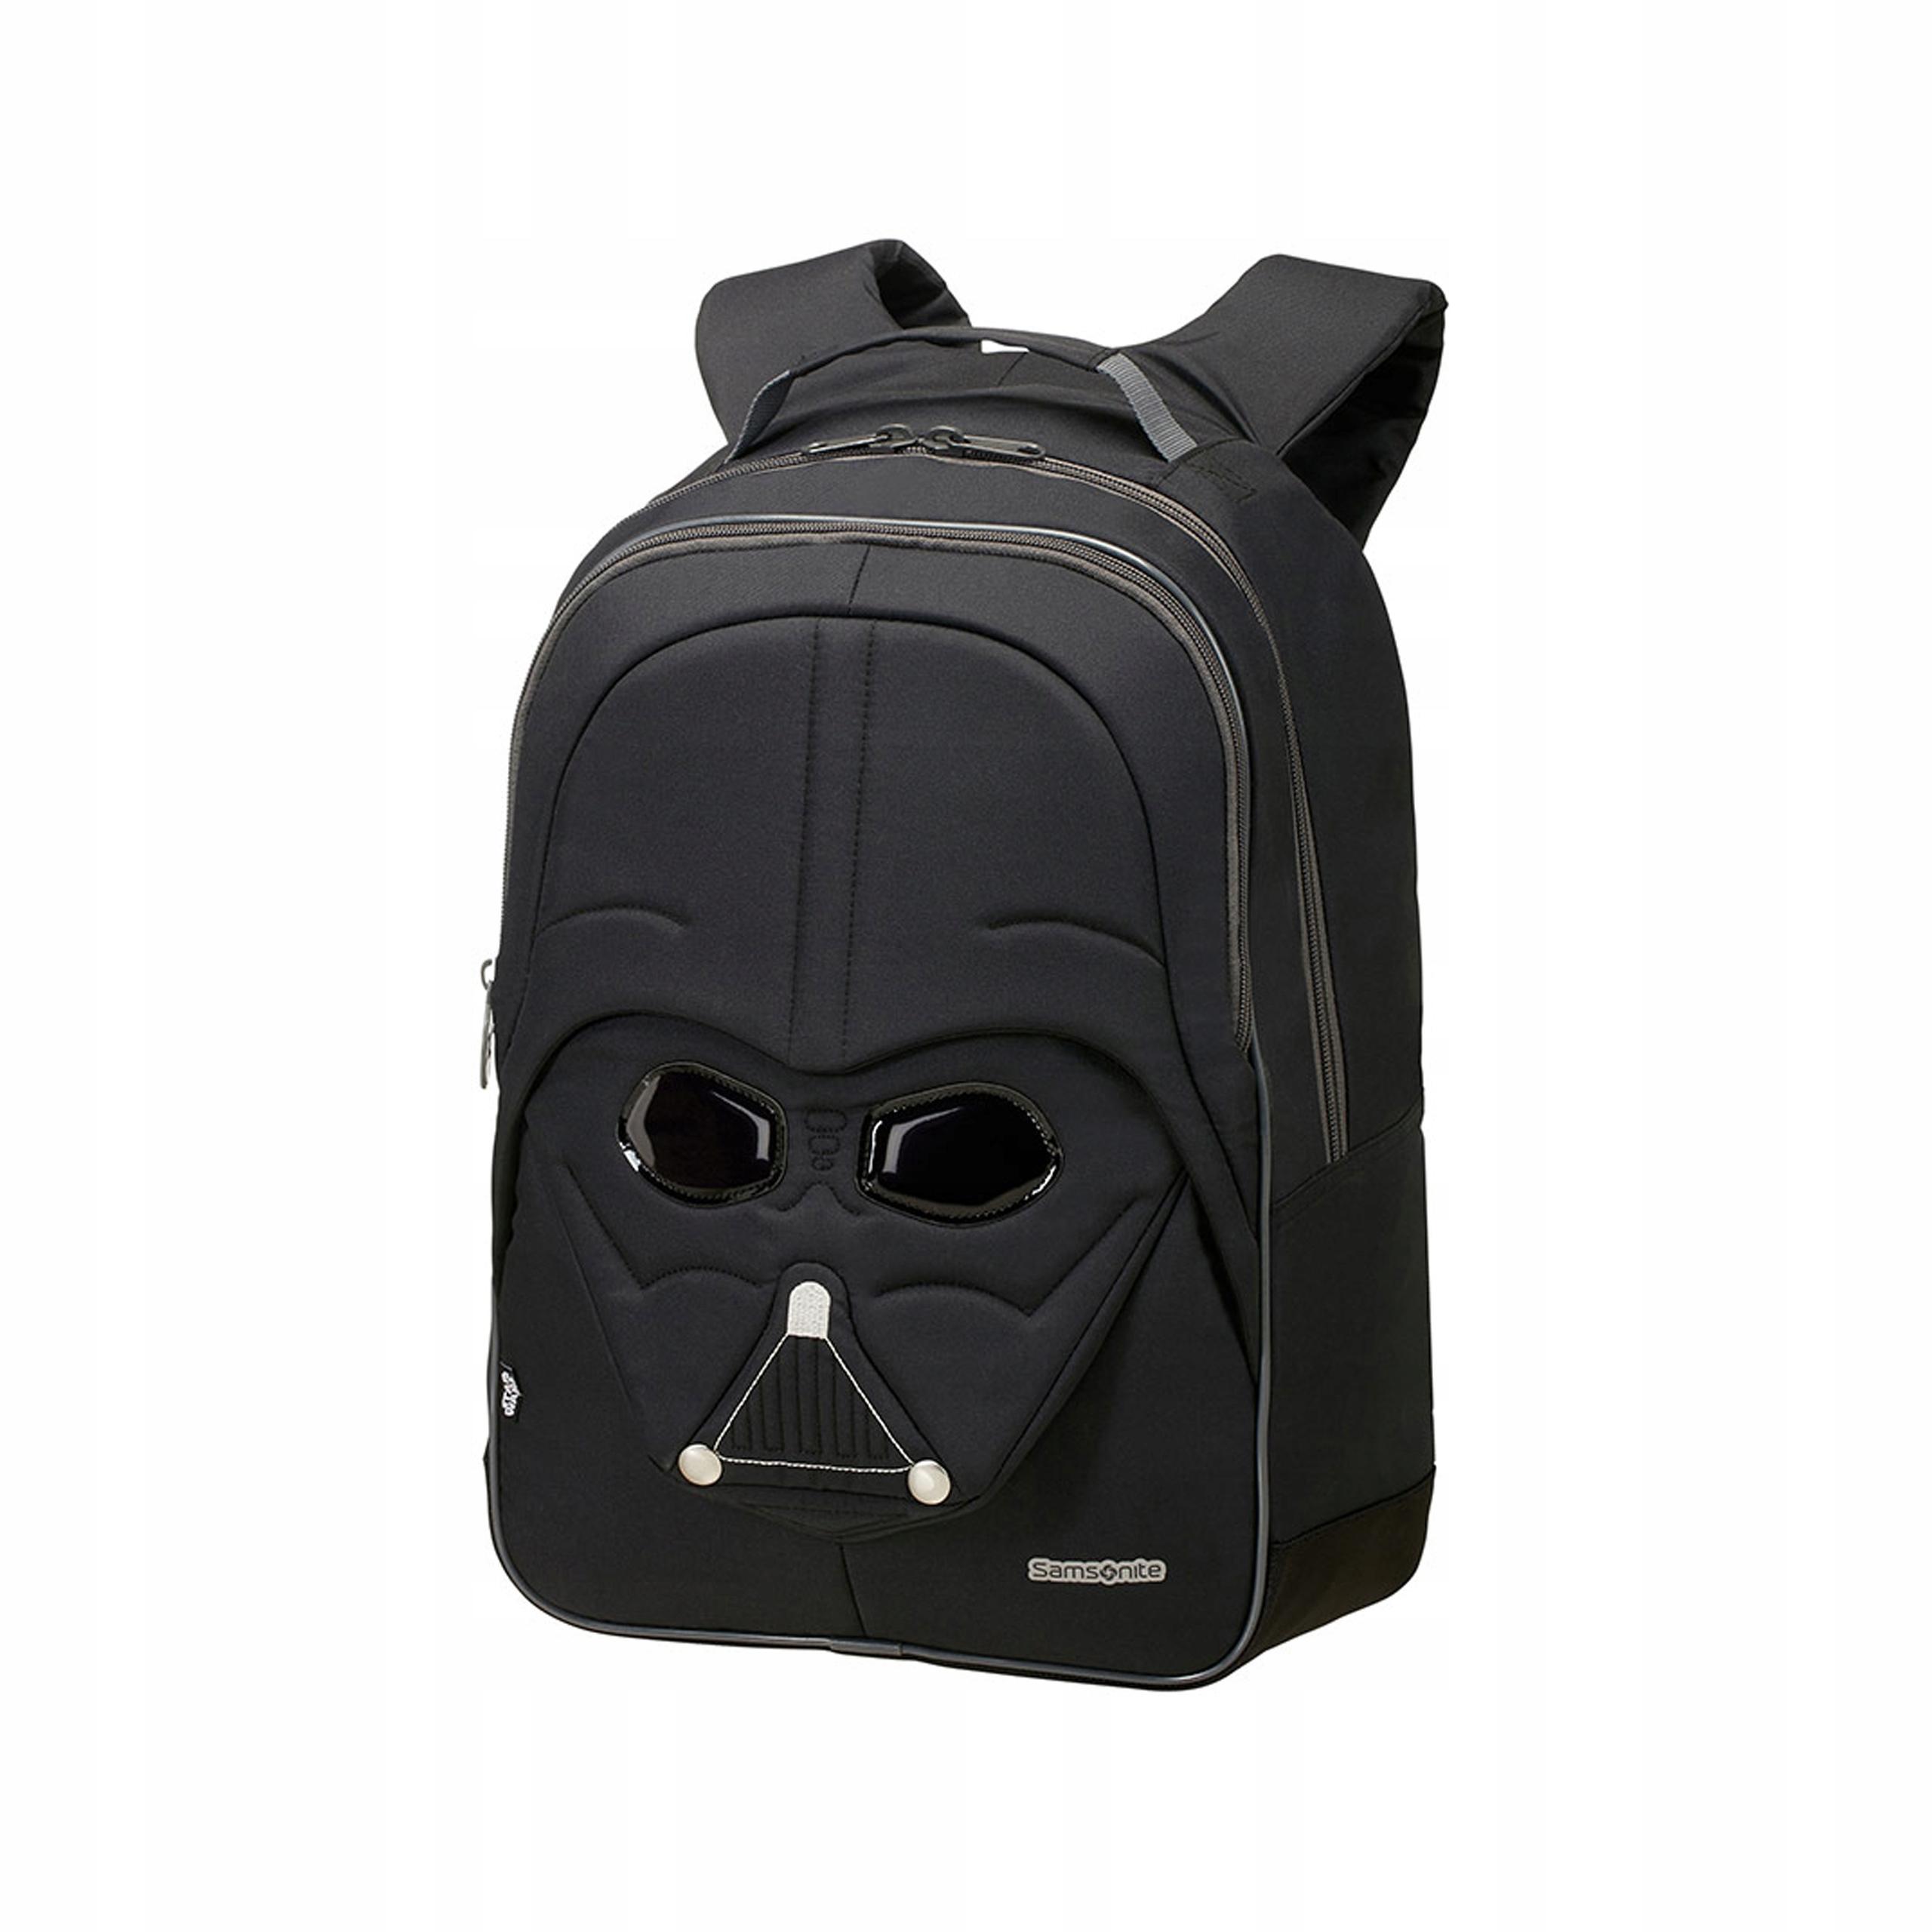 Plecak Samsonite Star Wars Iconic wyprzedaż -25%